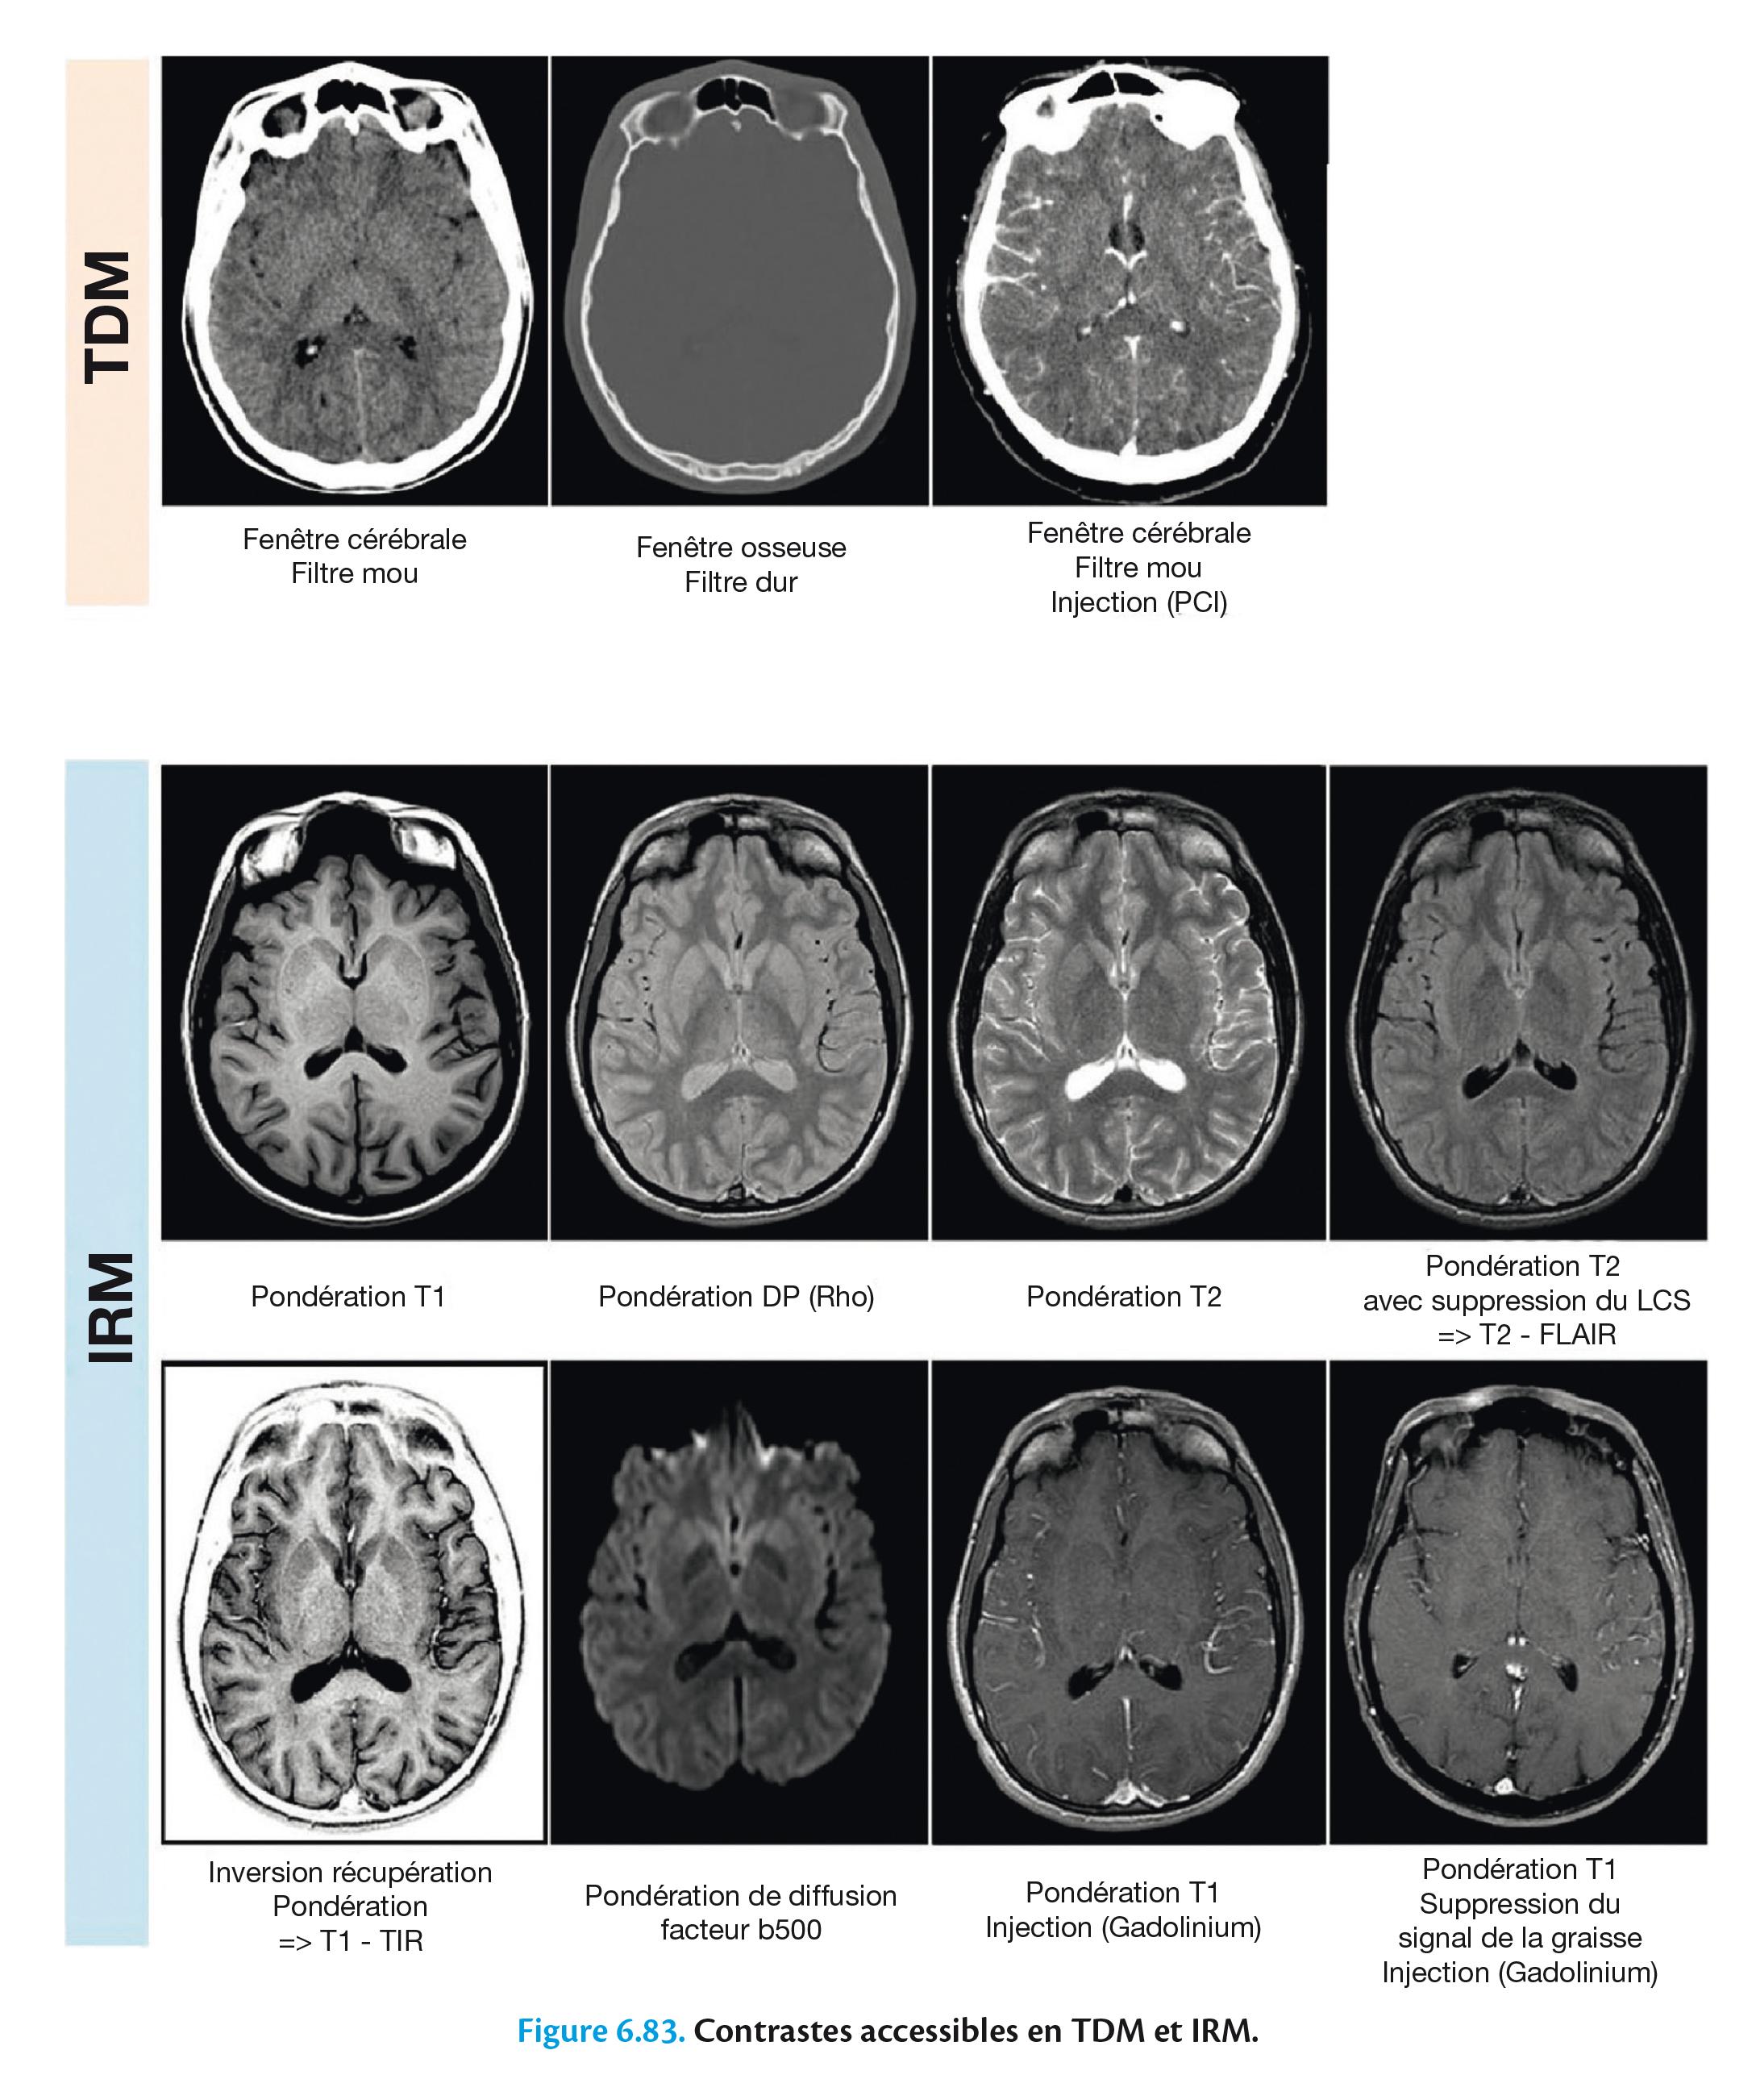 Figure 6.83. Contrastes accessibles en TDM et IRM.